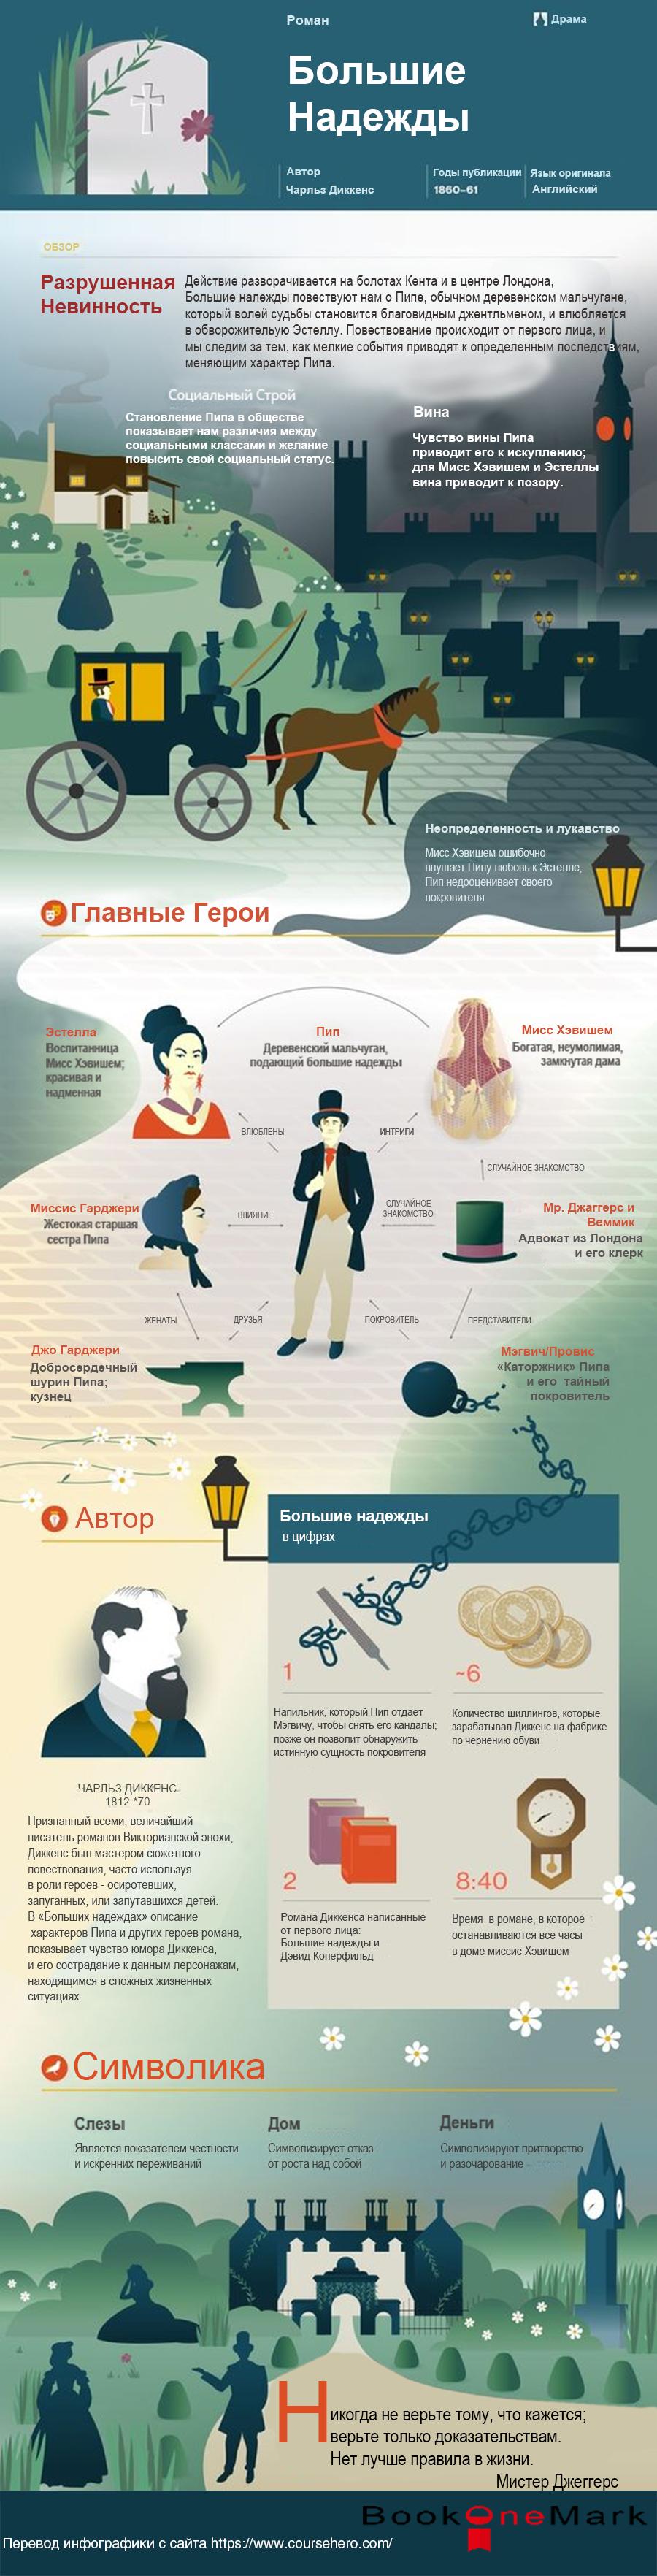 Инфографика Большие надежды Диккенс